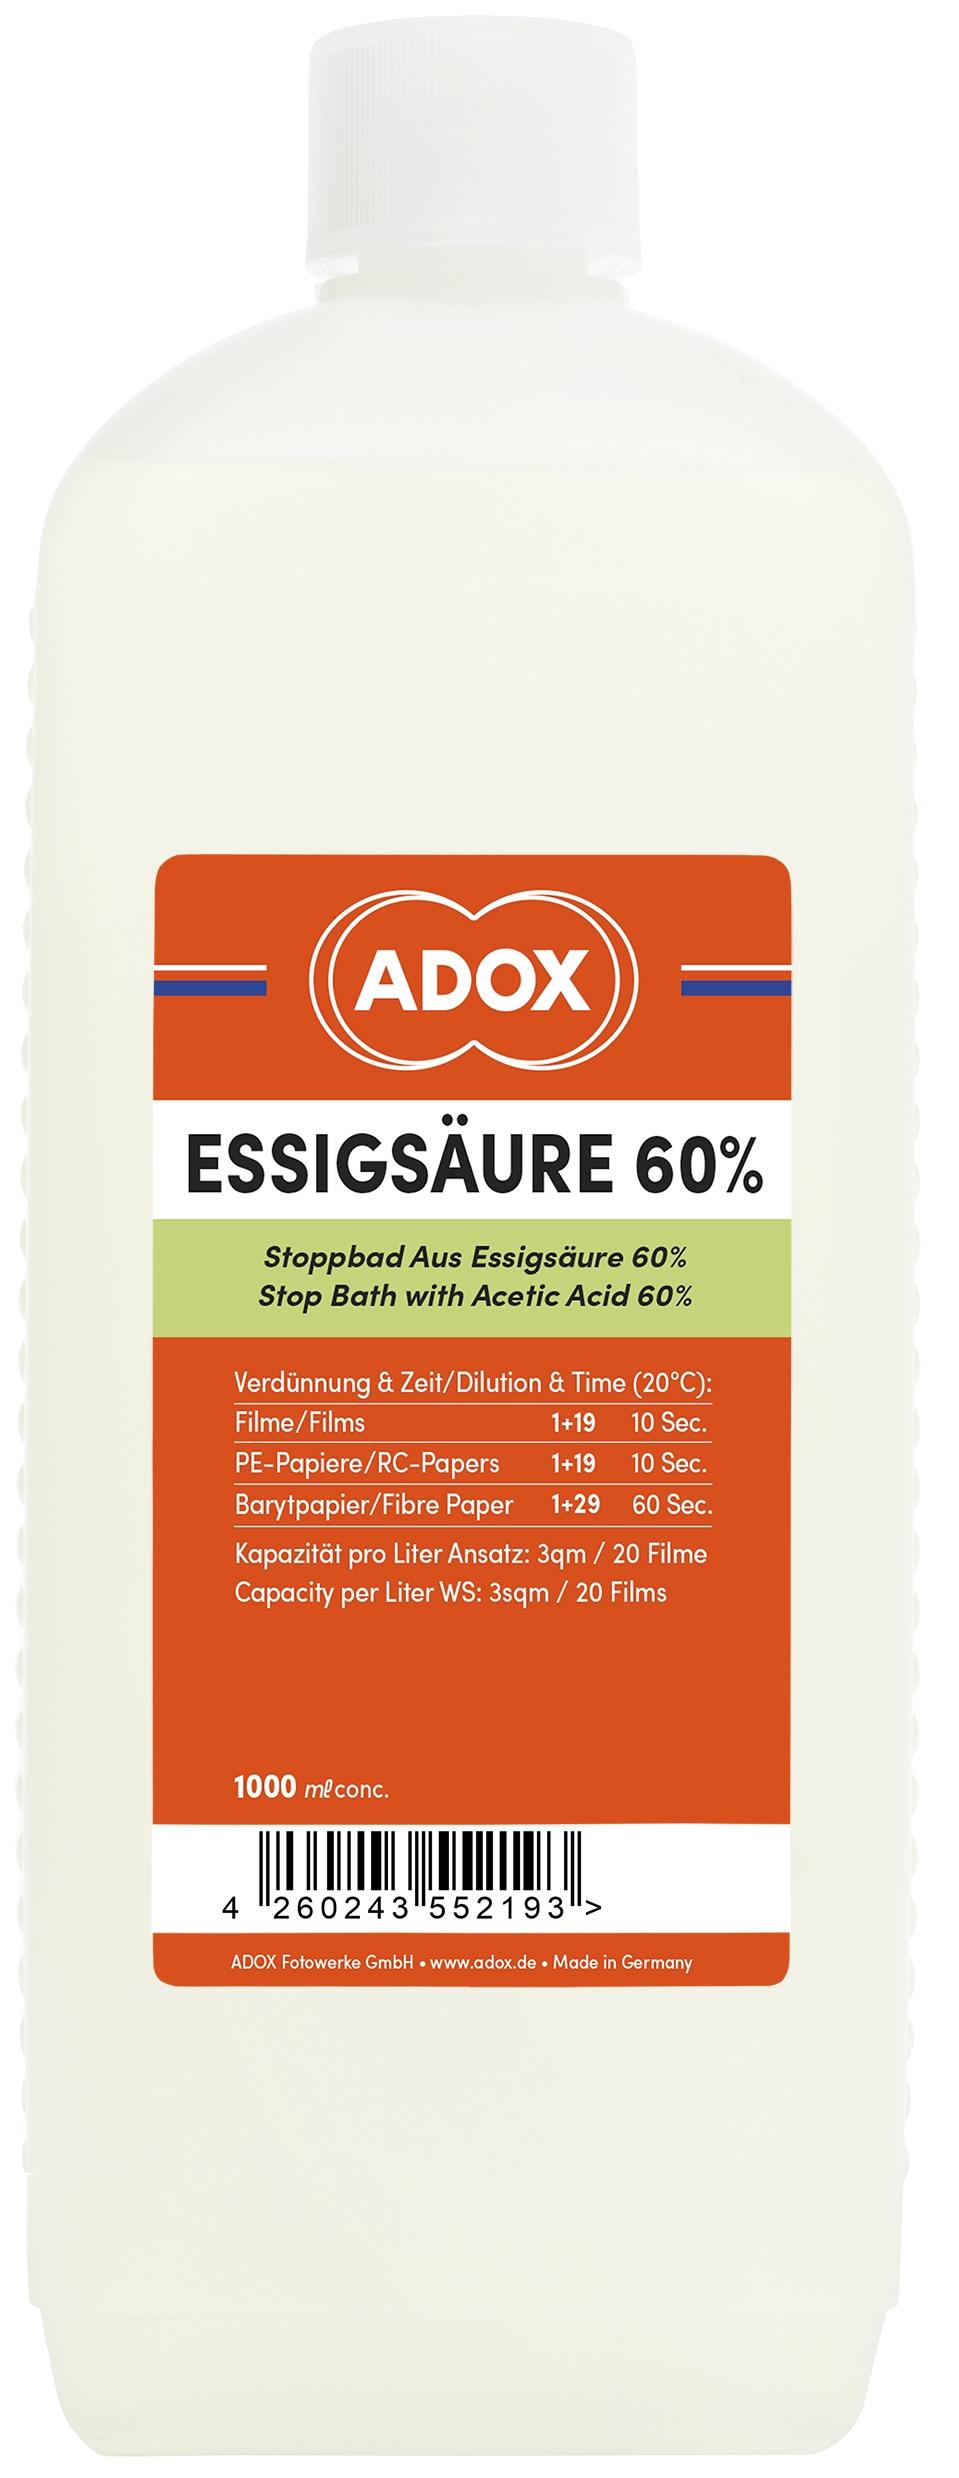 ADOX kyselina octová 60% 1 l přerušovač